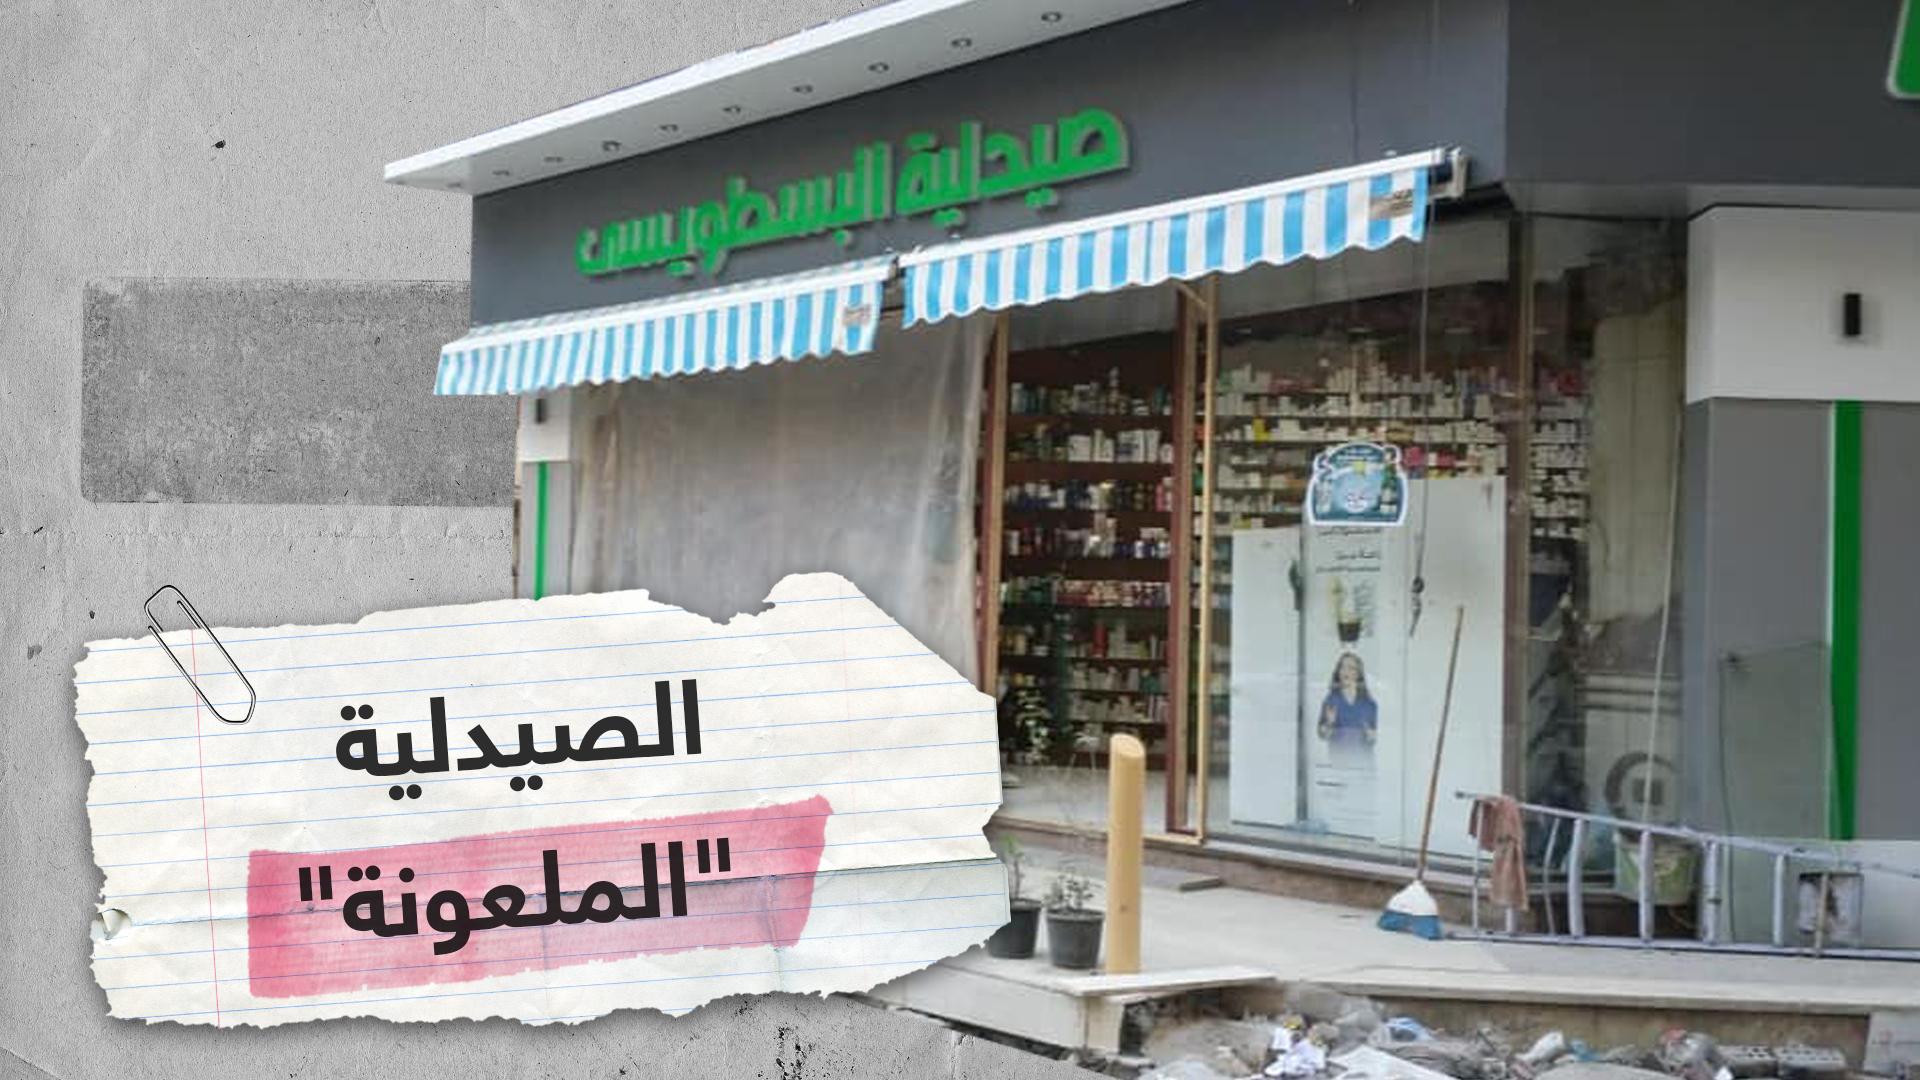 لعنة الحوادث تطارد صيدلية في مصر